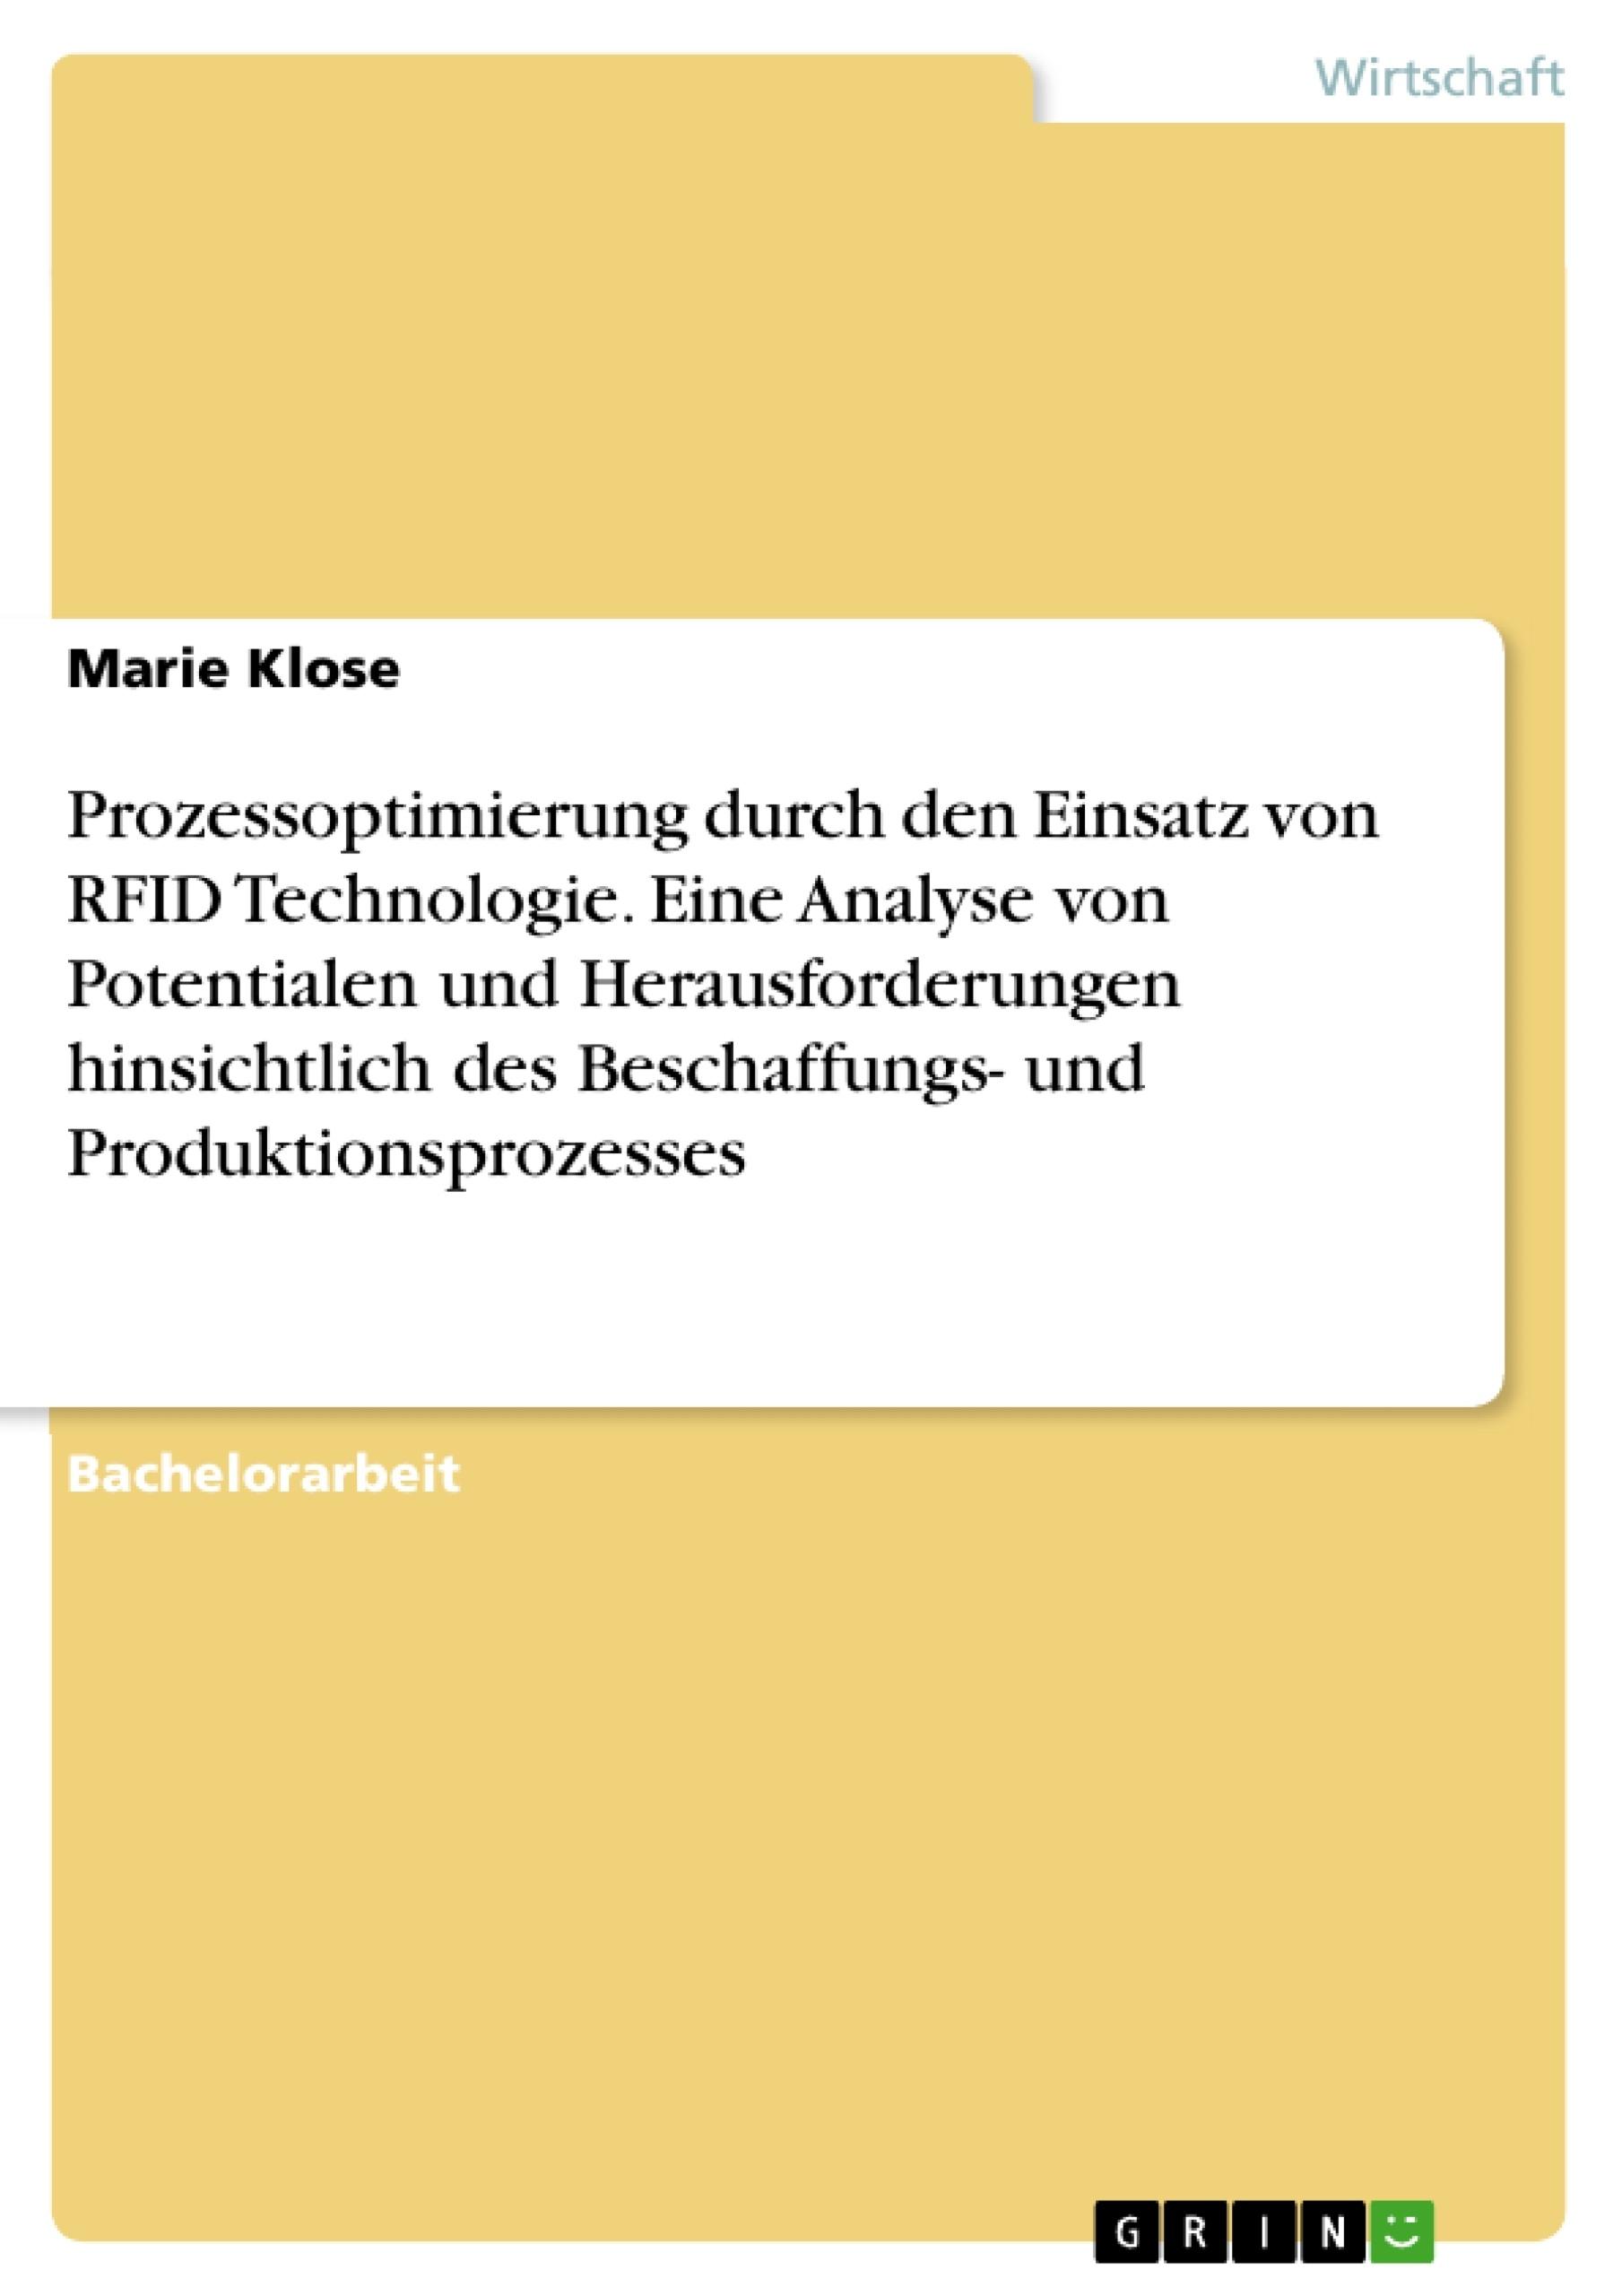 Titel: Prozessoptimierung durch den Einsatz von RFID Technologie. Eine Analyse von Potentialen und Herausforderungen hinsichtlich des Beschaffungs- und Produktionsprozesses